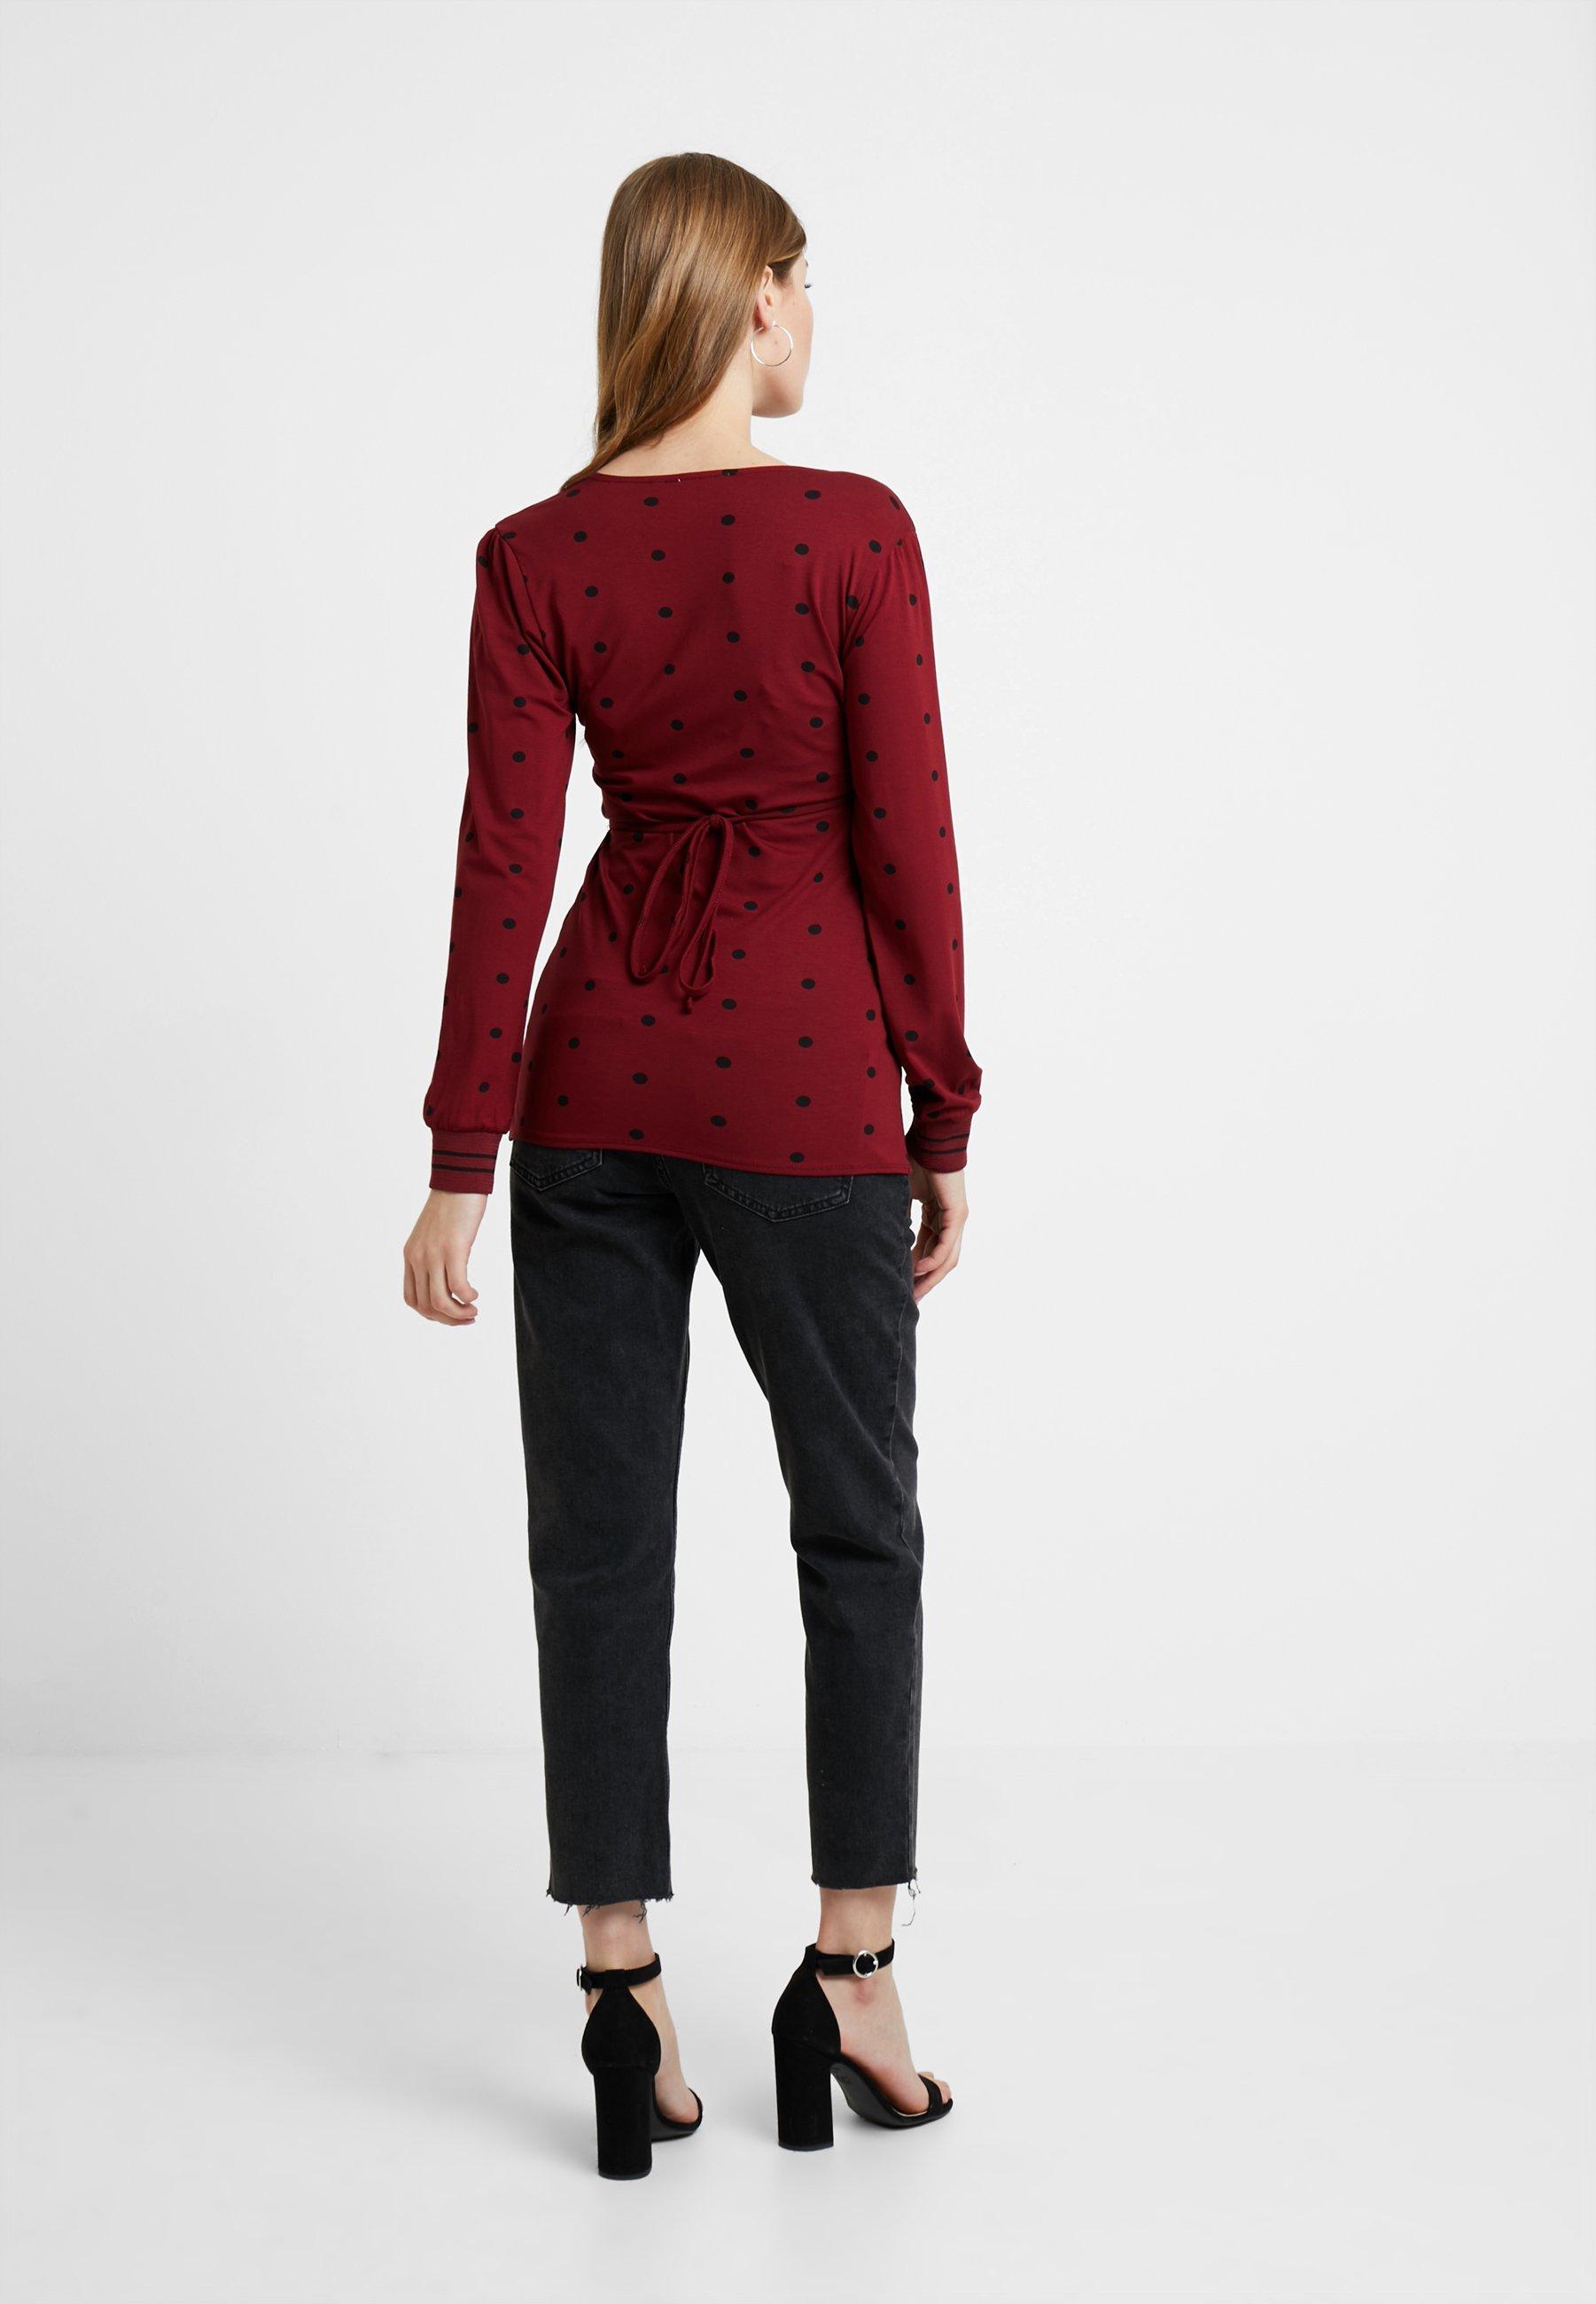 Mum Longues shirt Cabernet NursingT Queen À Manches Nwymn8v0OP